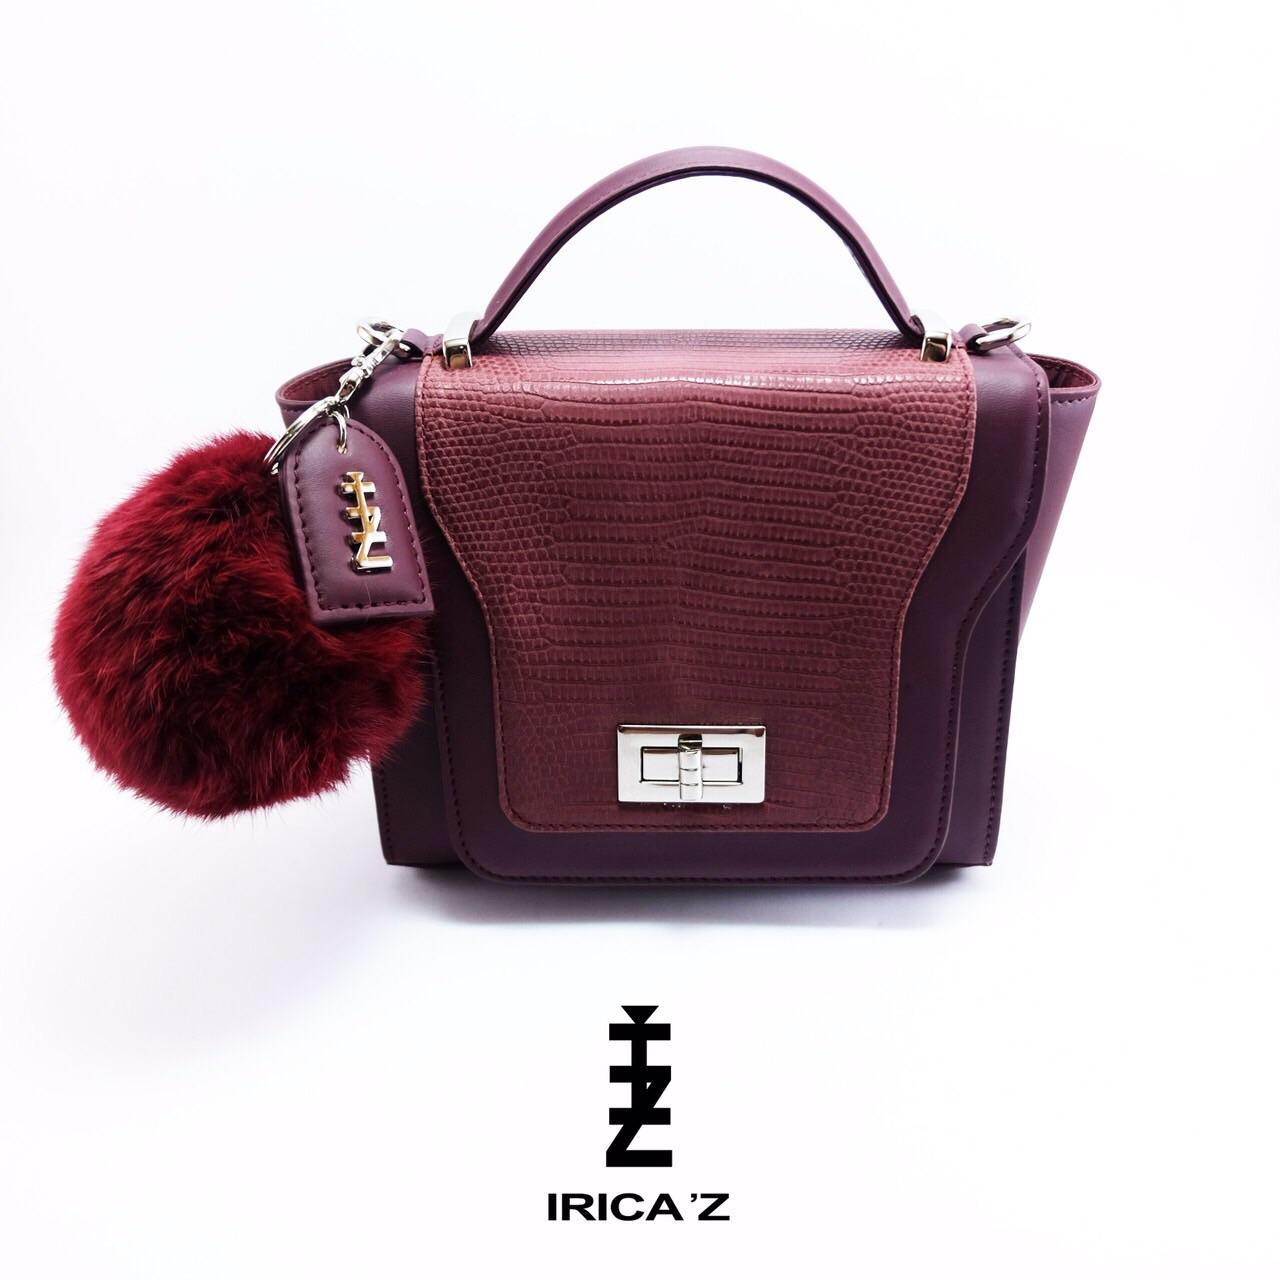 กระเป๋า,กระเป๋าถือ,กระเป๋าสะพาย,กระเป๋าหนัง,กระเป๋าผู้หญิง